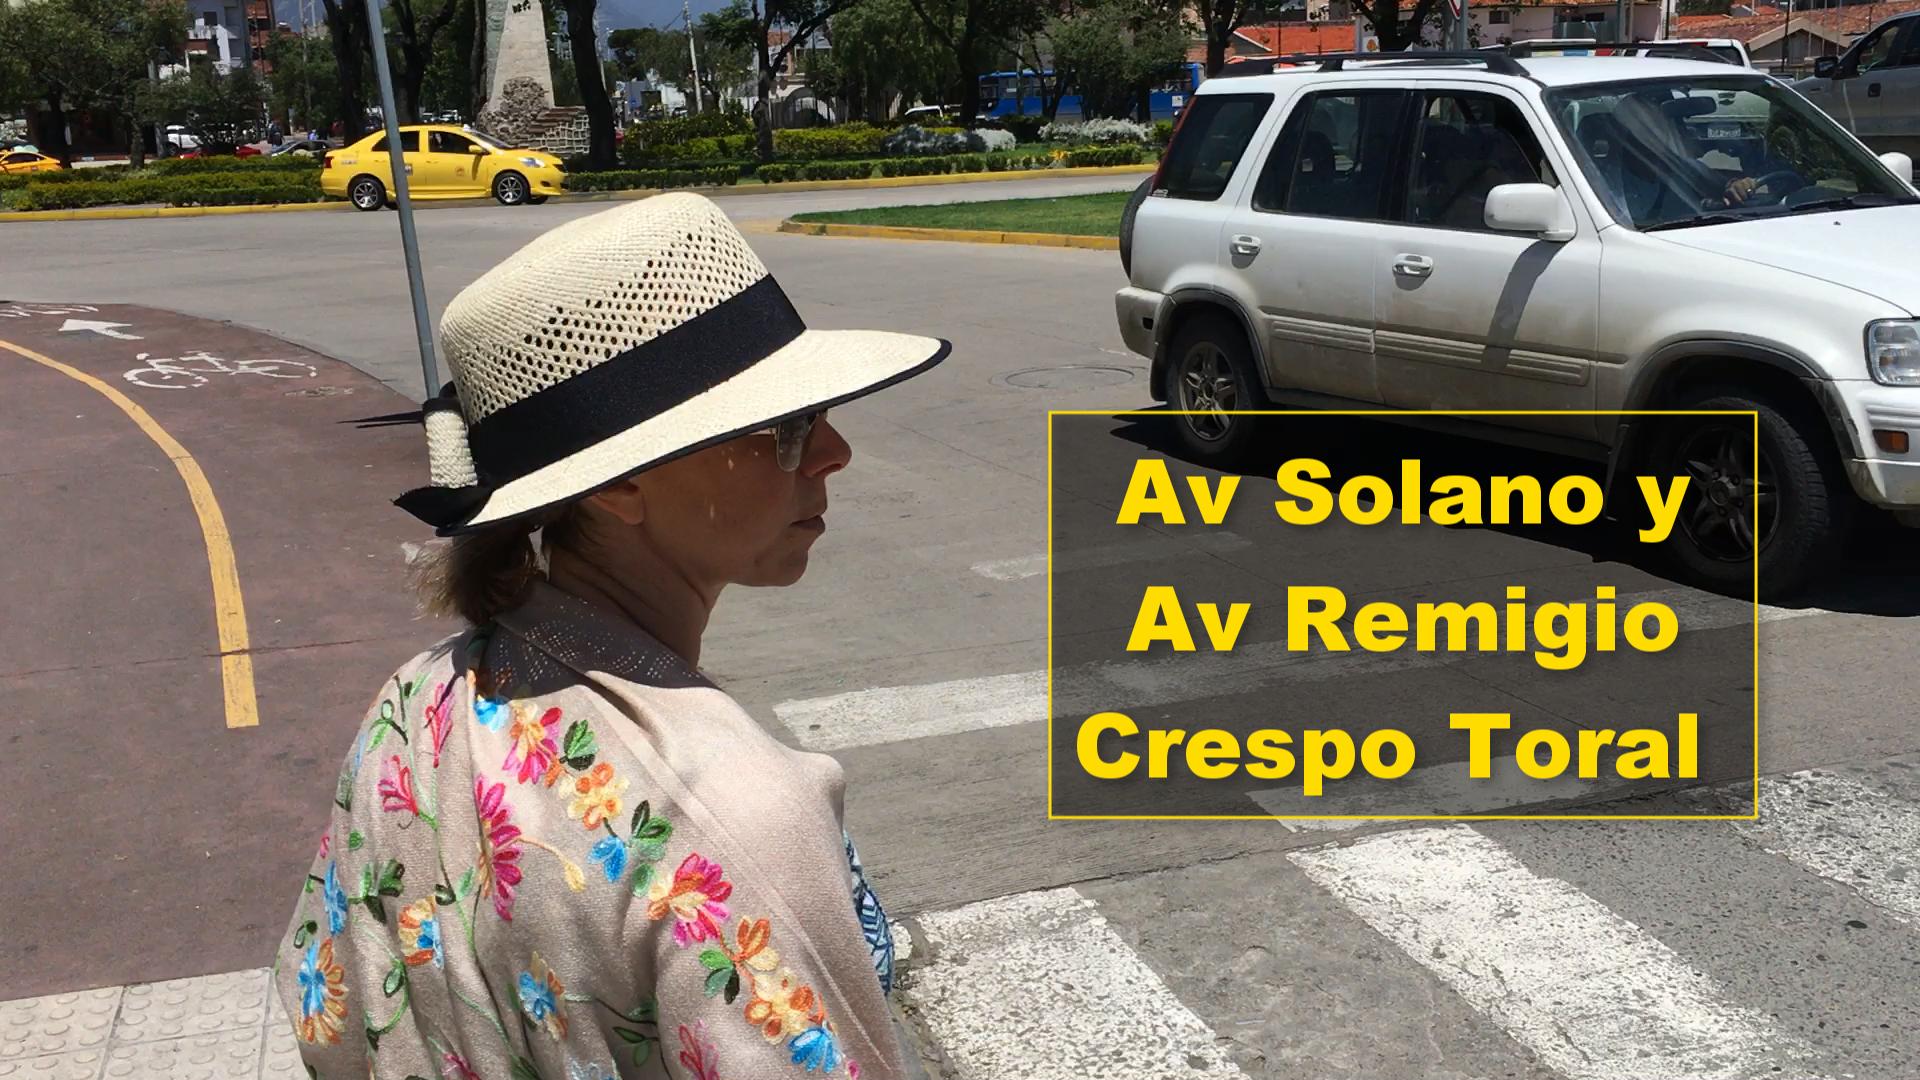 Av Solano y Av Remigio Crespo Toral Cuenca Ecuador